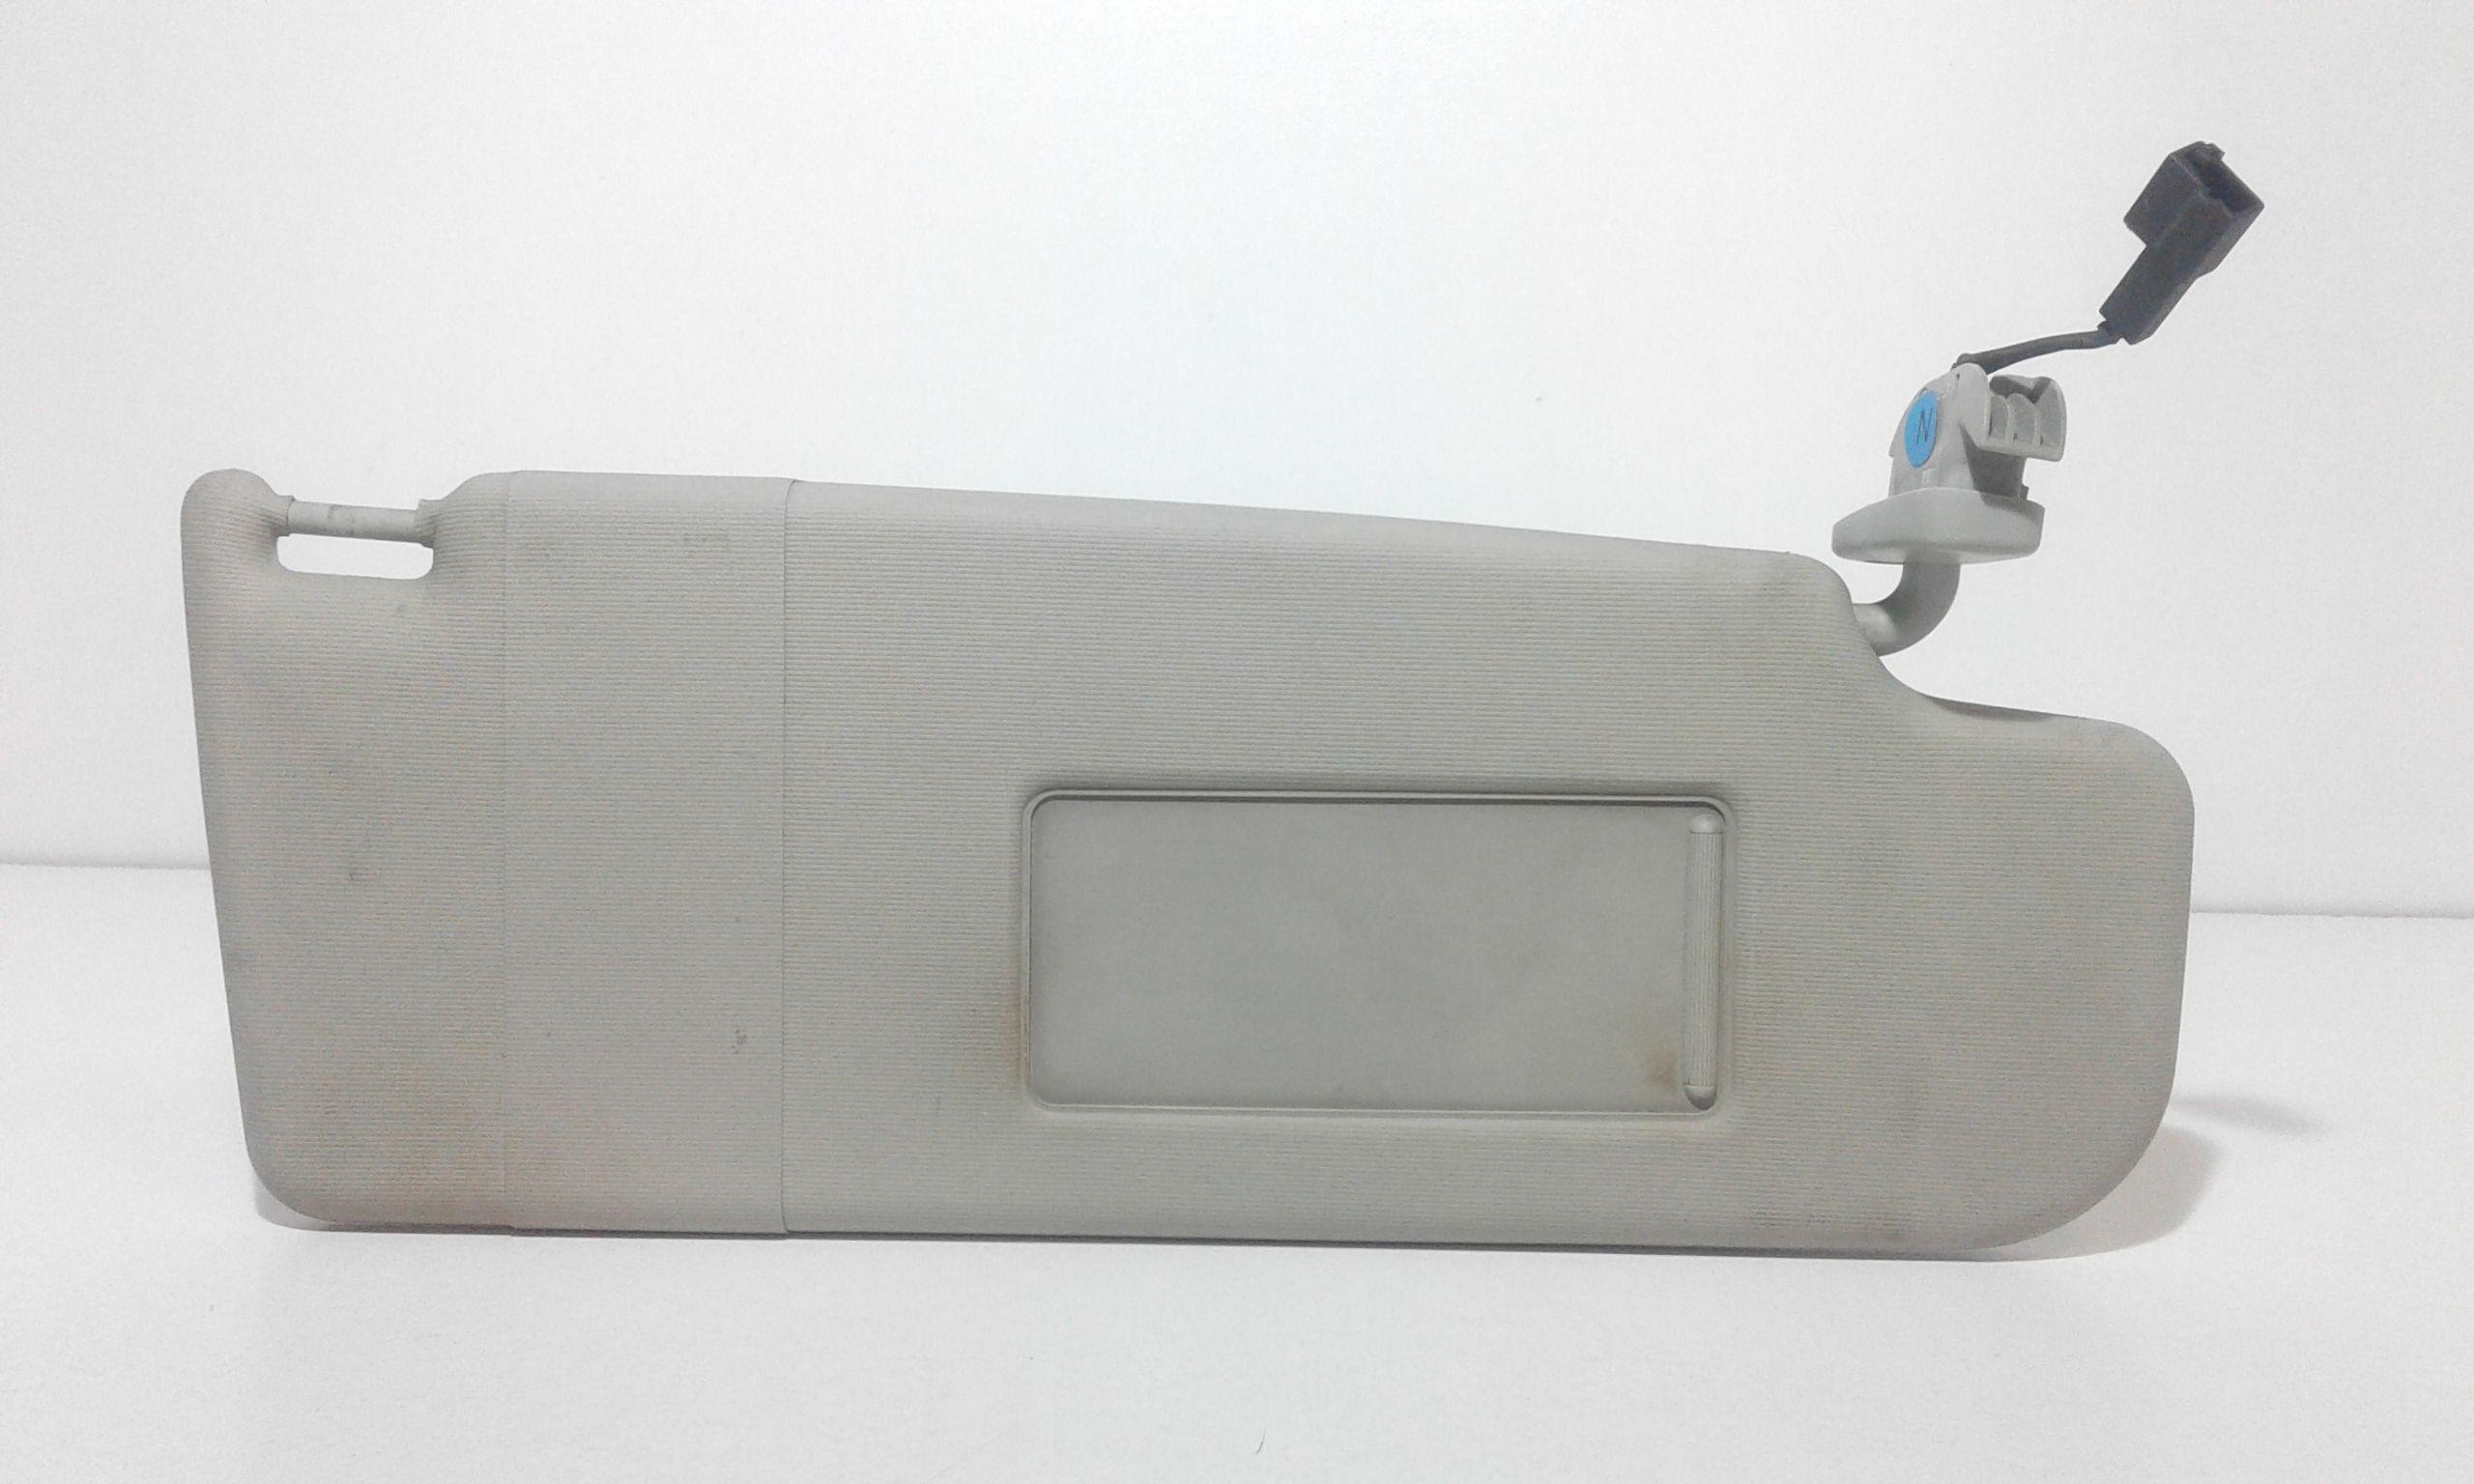 PARASOLE ALETTA LATO PASSEGGERO VOLKSWAGEN Polo 4° Serie  Benzina    (2008) RICAMBI USATI